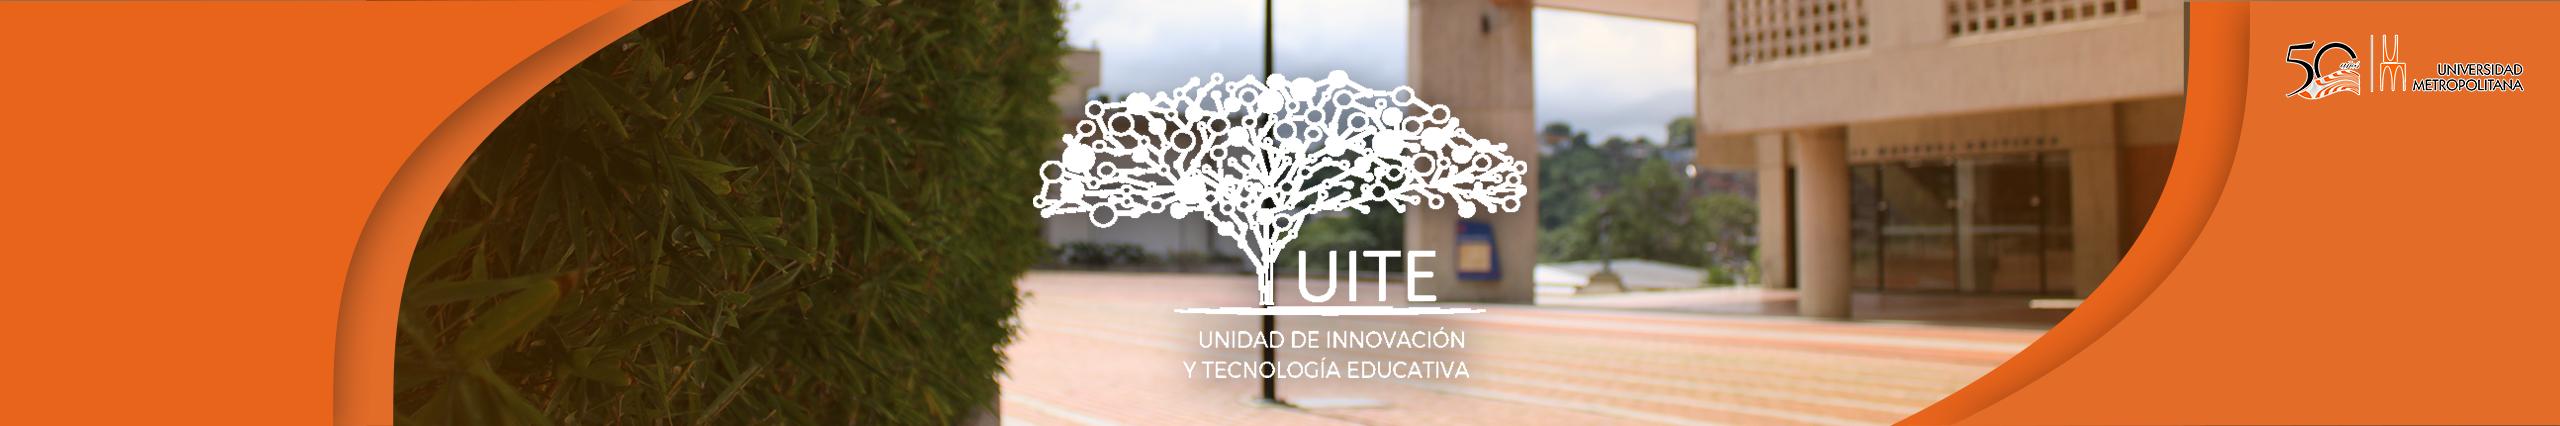 Unidad de Innovación y Tecnología Educativa